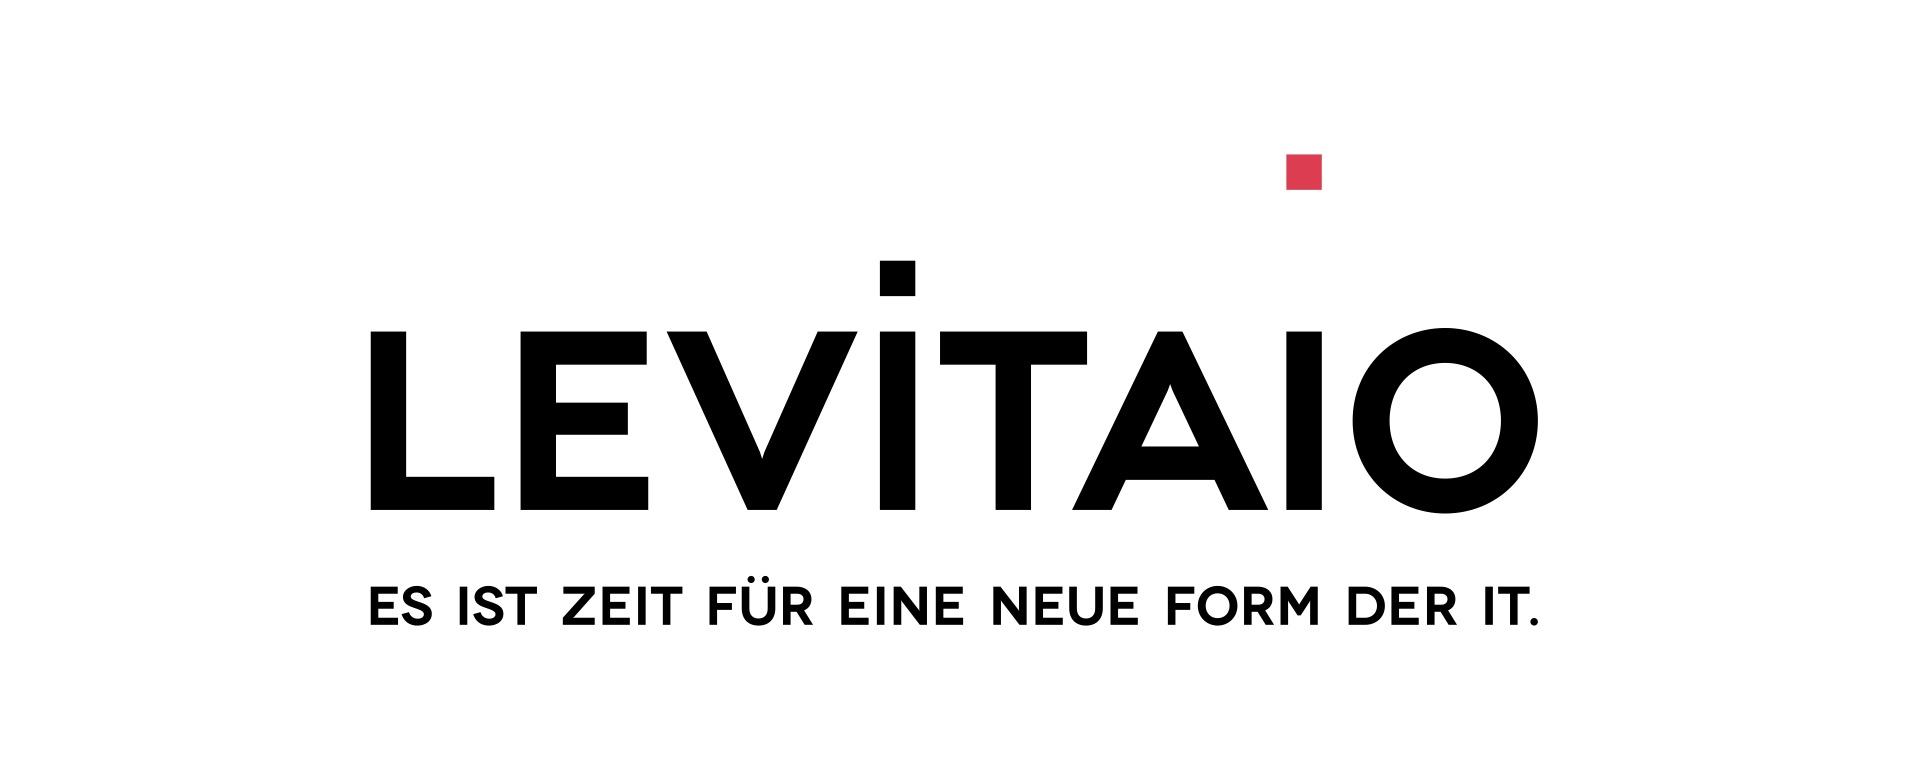 Levitaio-Logo-mit-Claim-1929x780